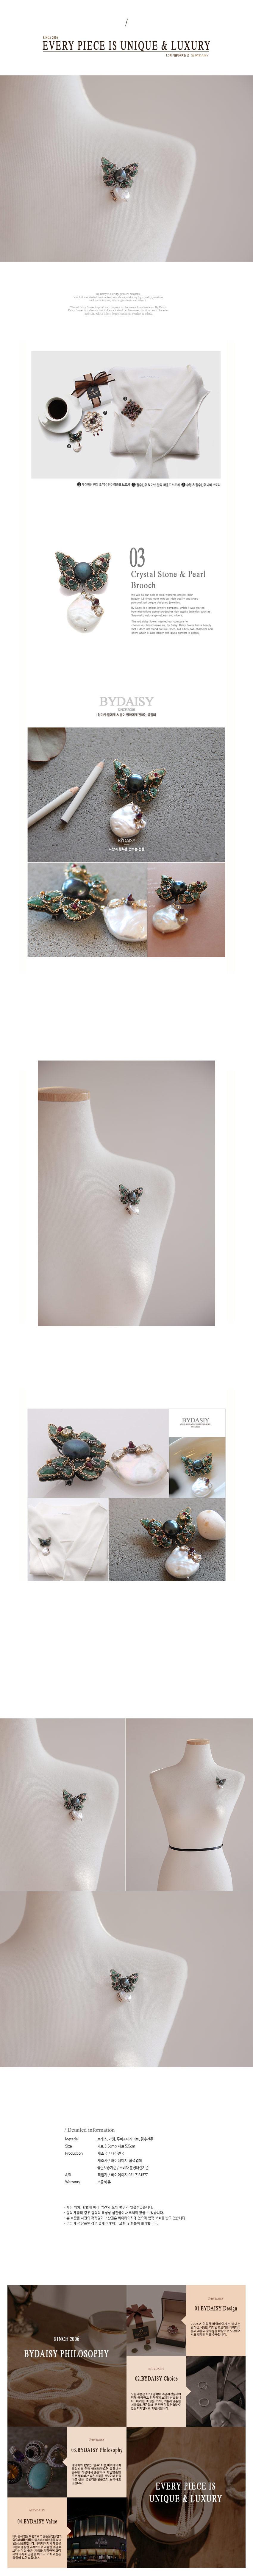 바이데이지 91Bh0150 나비 수초석 담수진주 브로치 - 바이데이지, 129,000원, 브로치/뱃지, 브로치